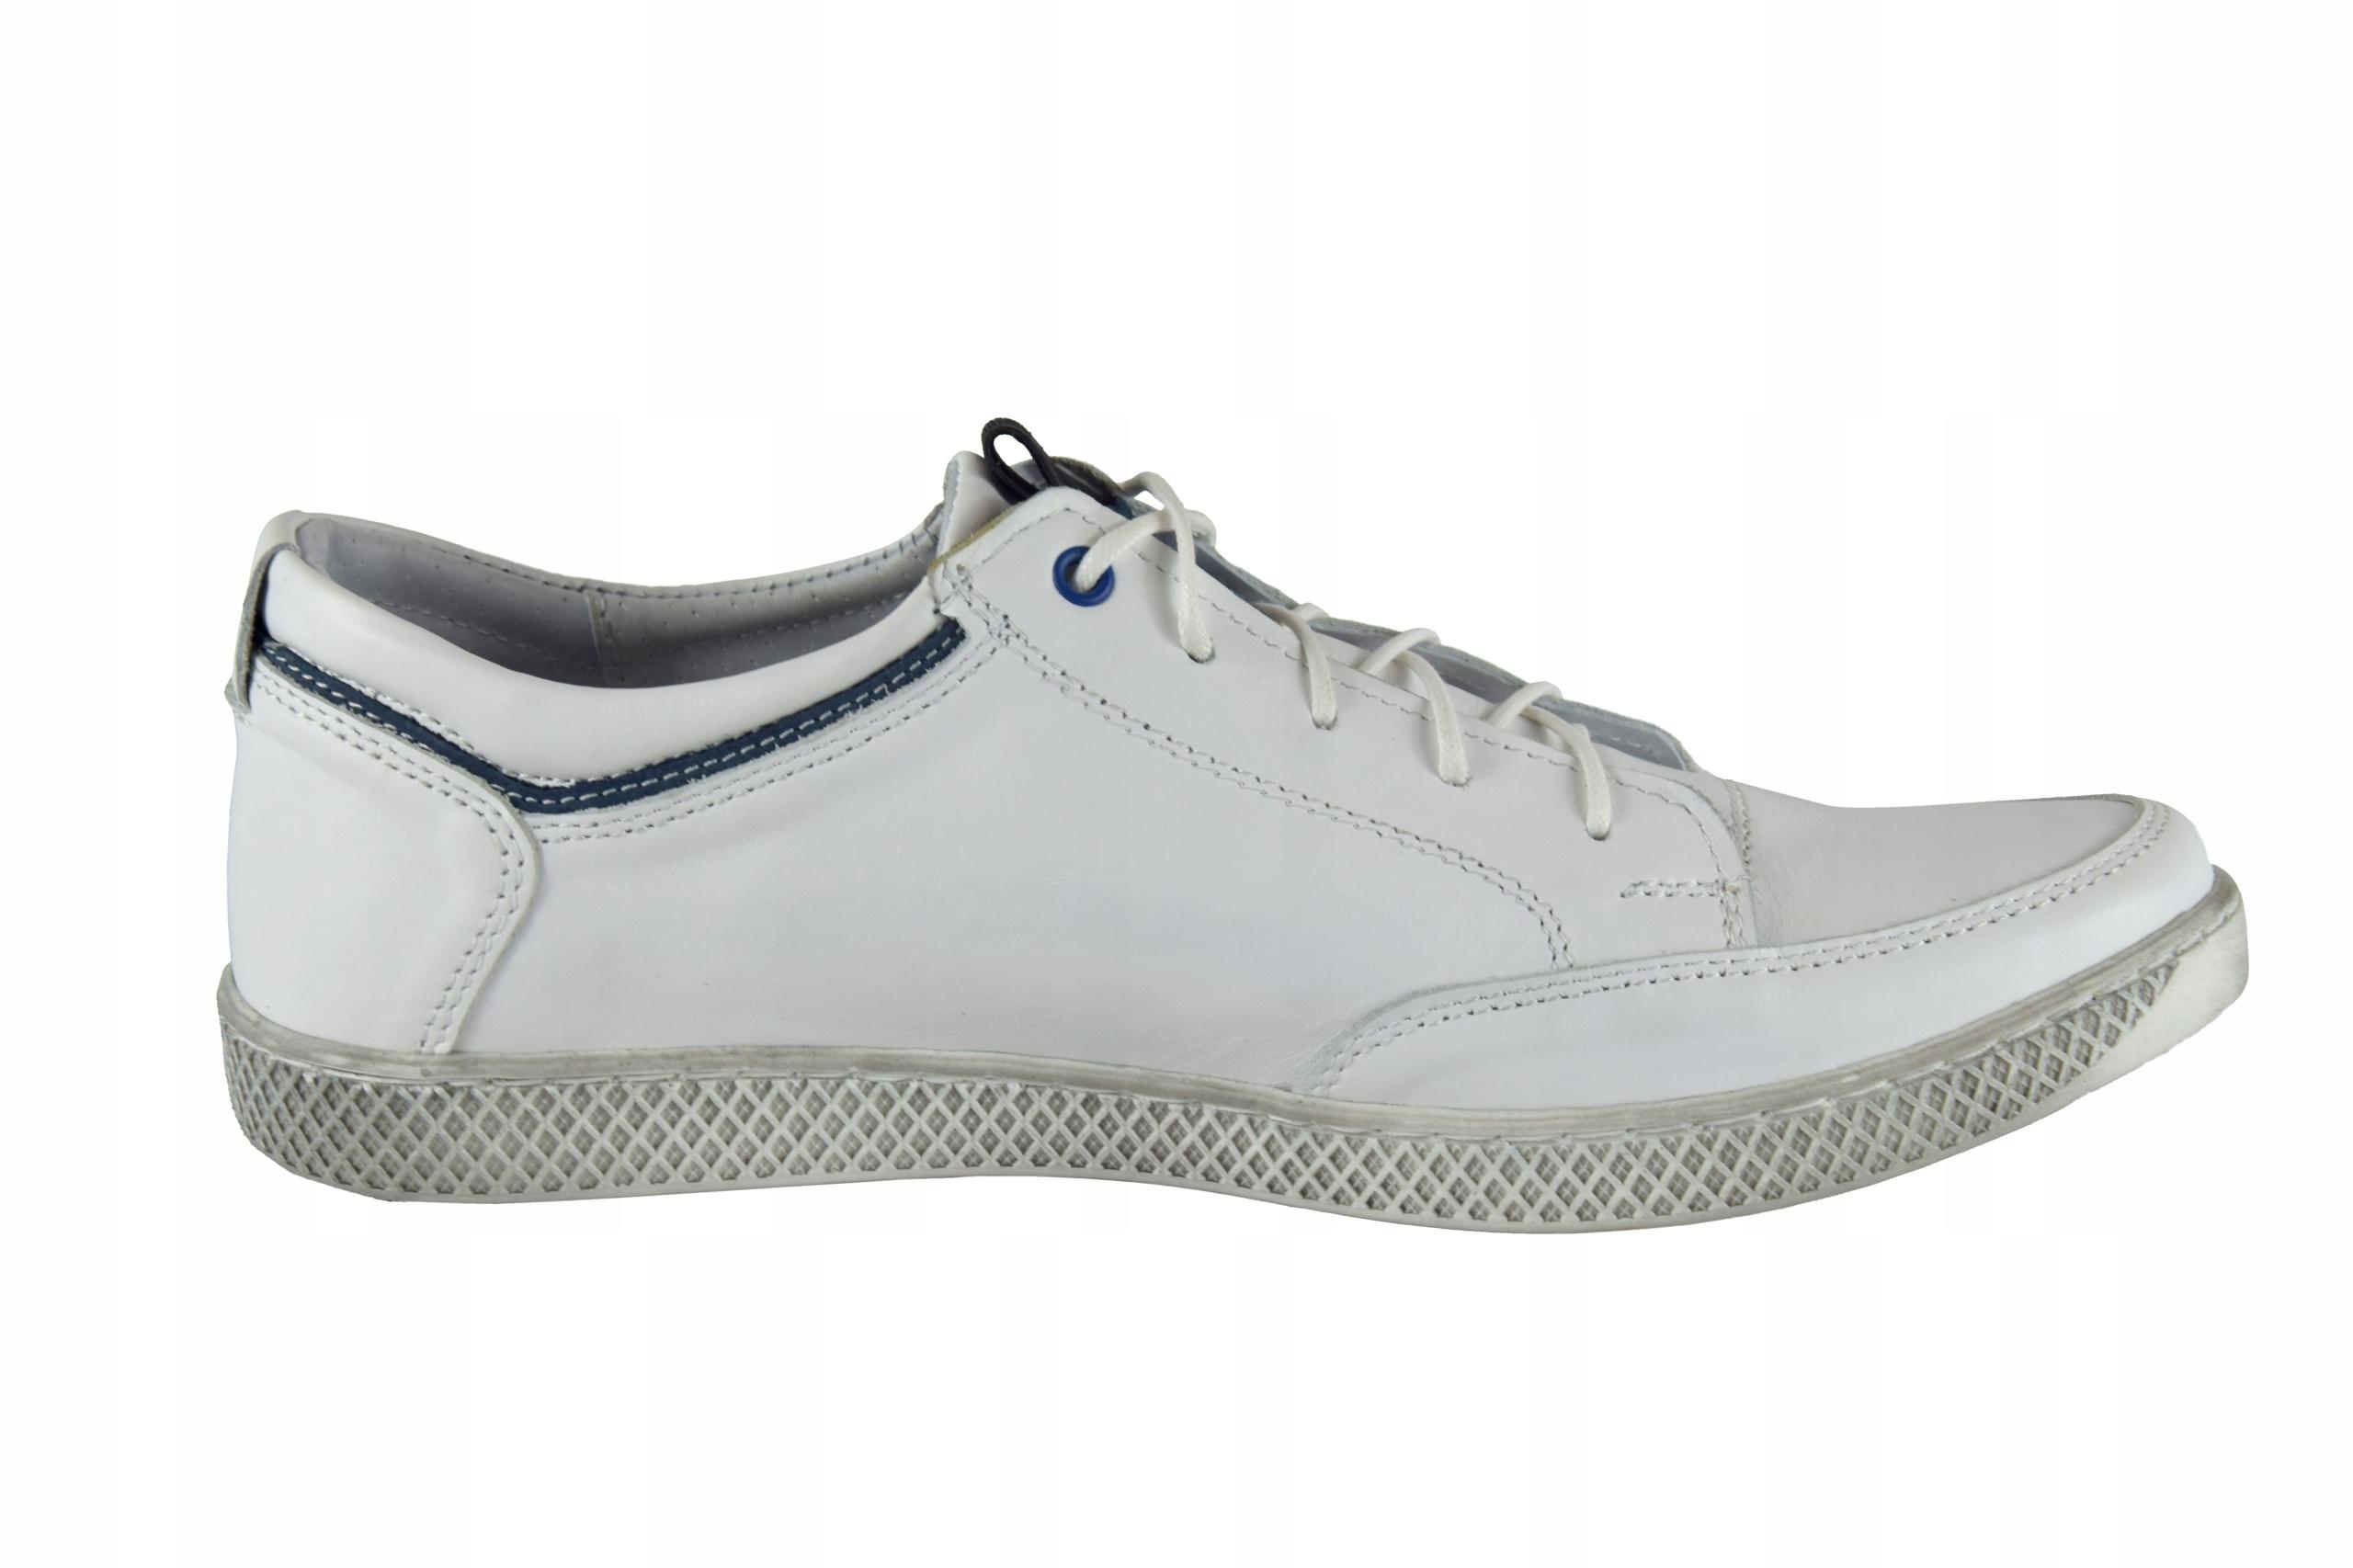 Skórzane męskie białe sznurowane buty męskie 0447 Marka inna